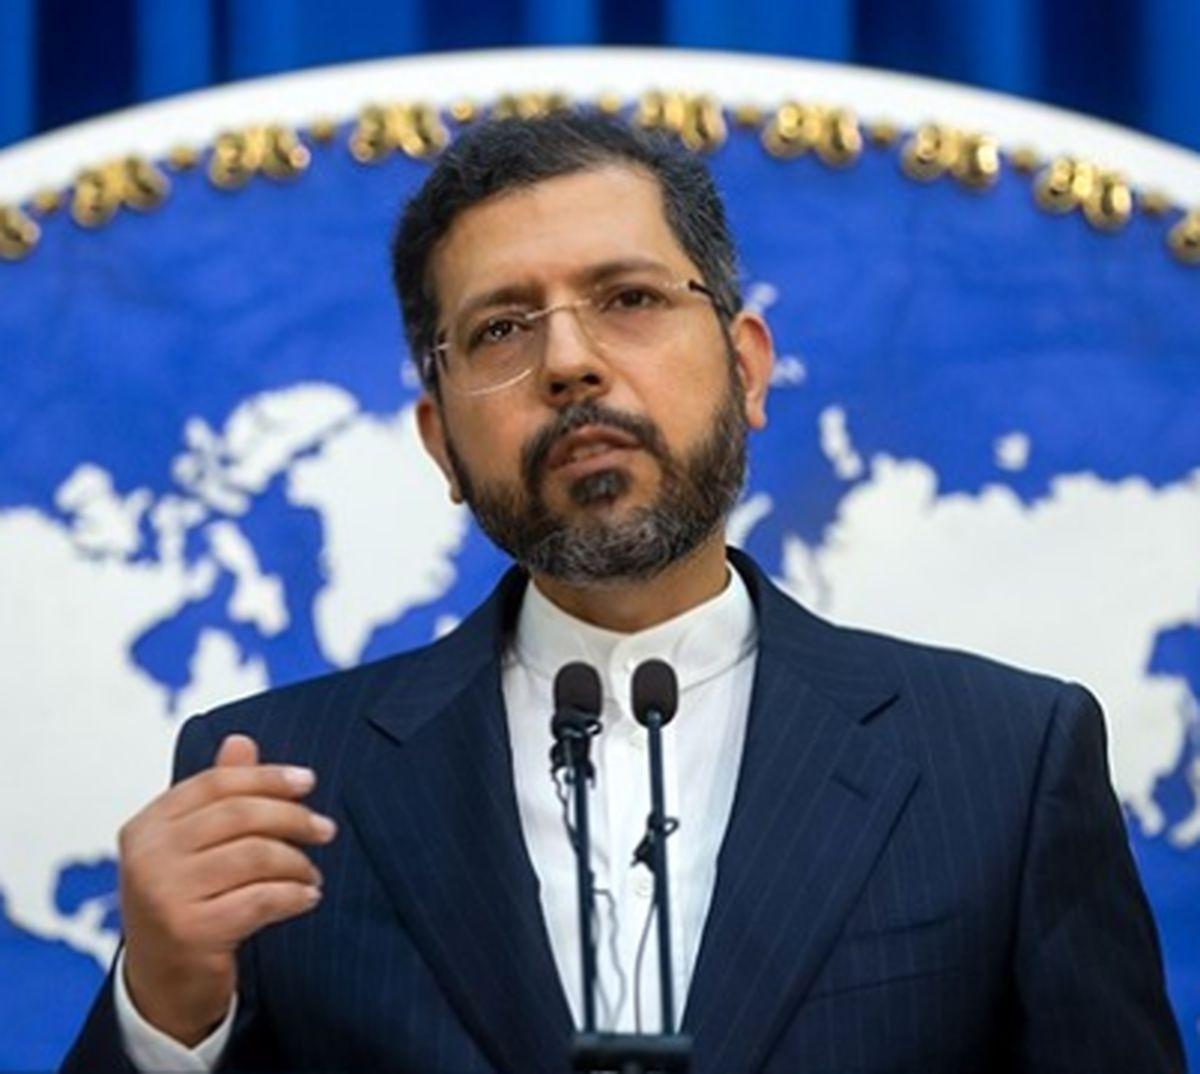 جزئیات نشست وزرای خارجه 6 کشور همسایه افغانستان از زبان خطیب زاده